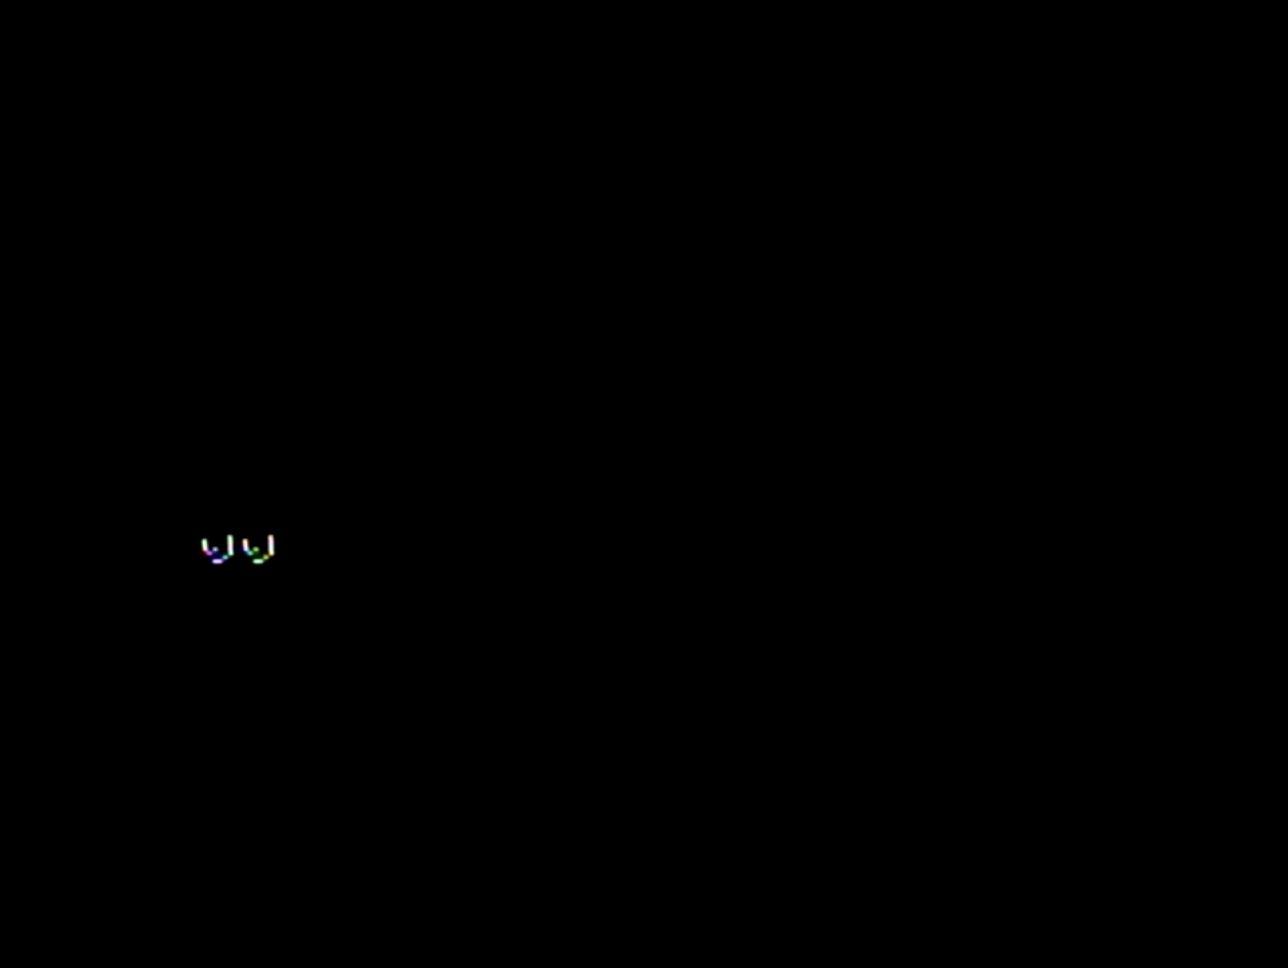 """謎メッセージ「りり」だけじゃない…洋画原作""""最クソゲー""""『ゴーストバスターズ』の理不尽さ【フジタのファミコンコラム】の画像005"""